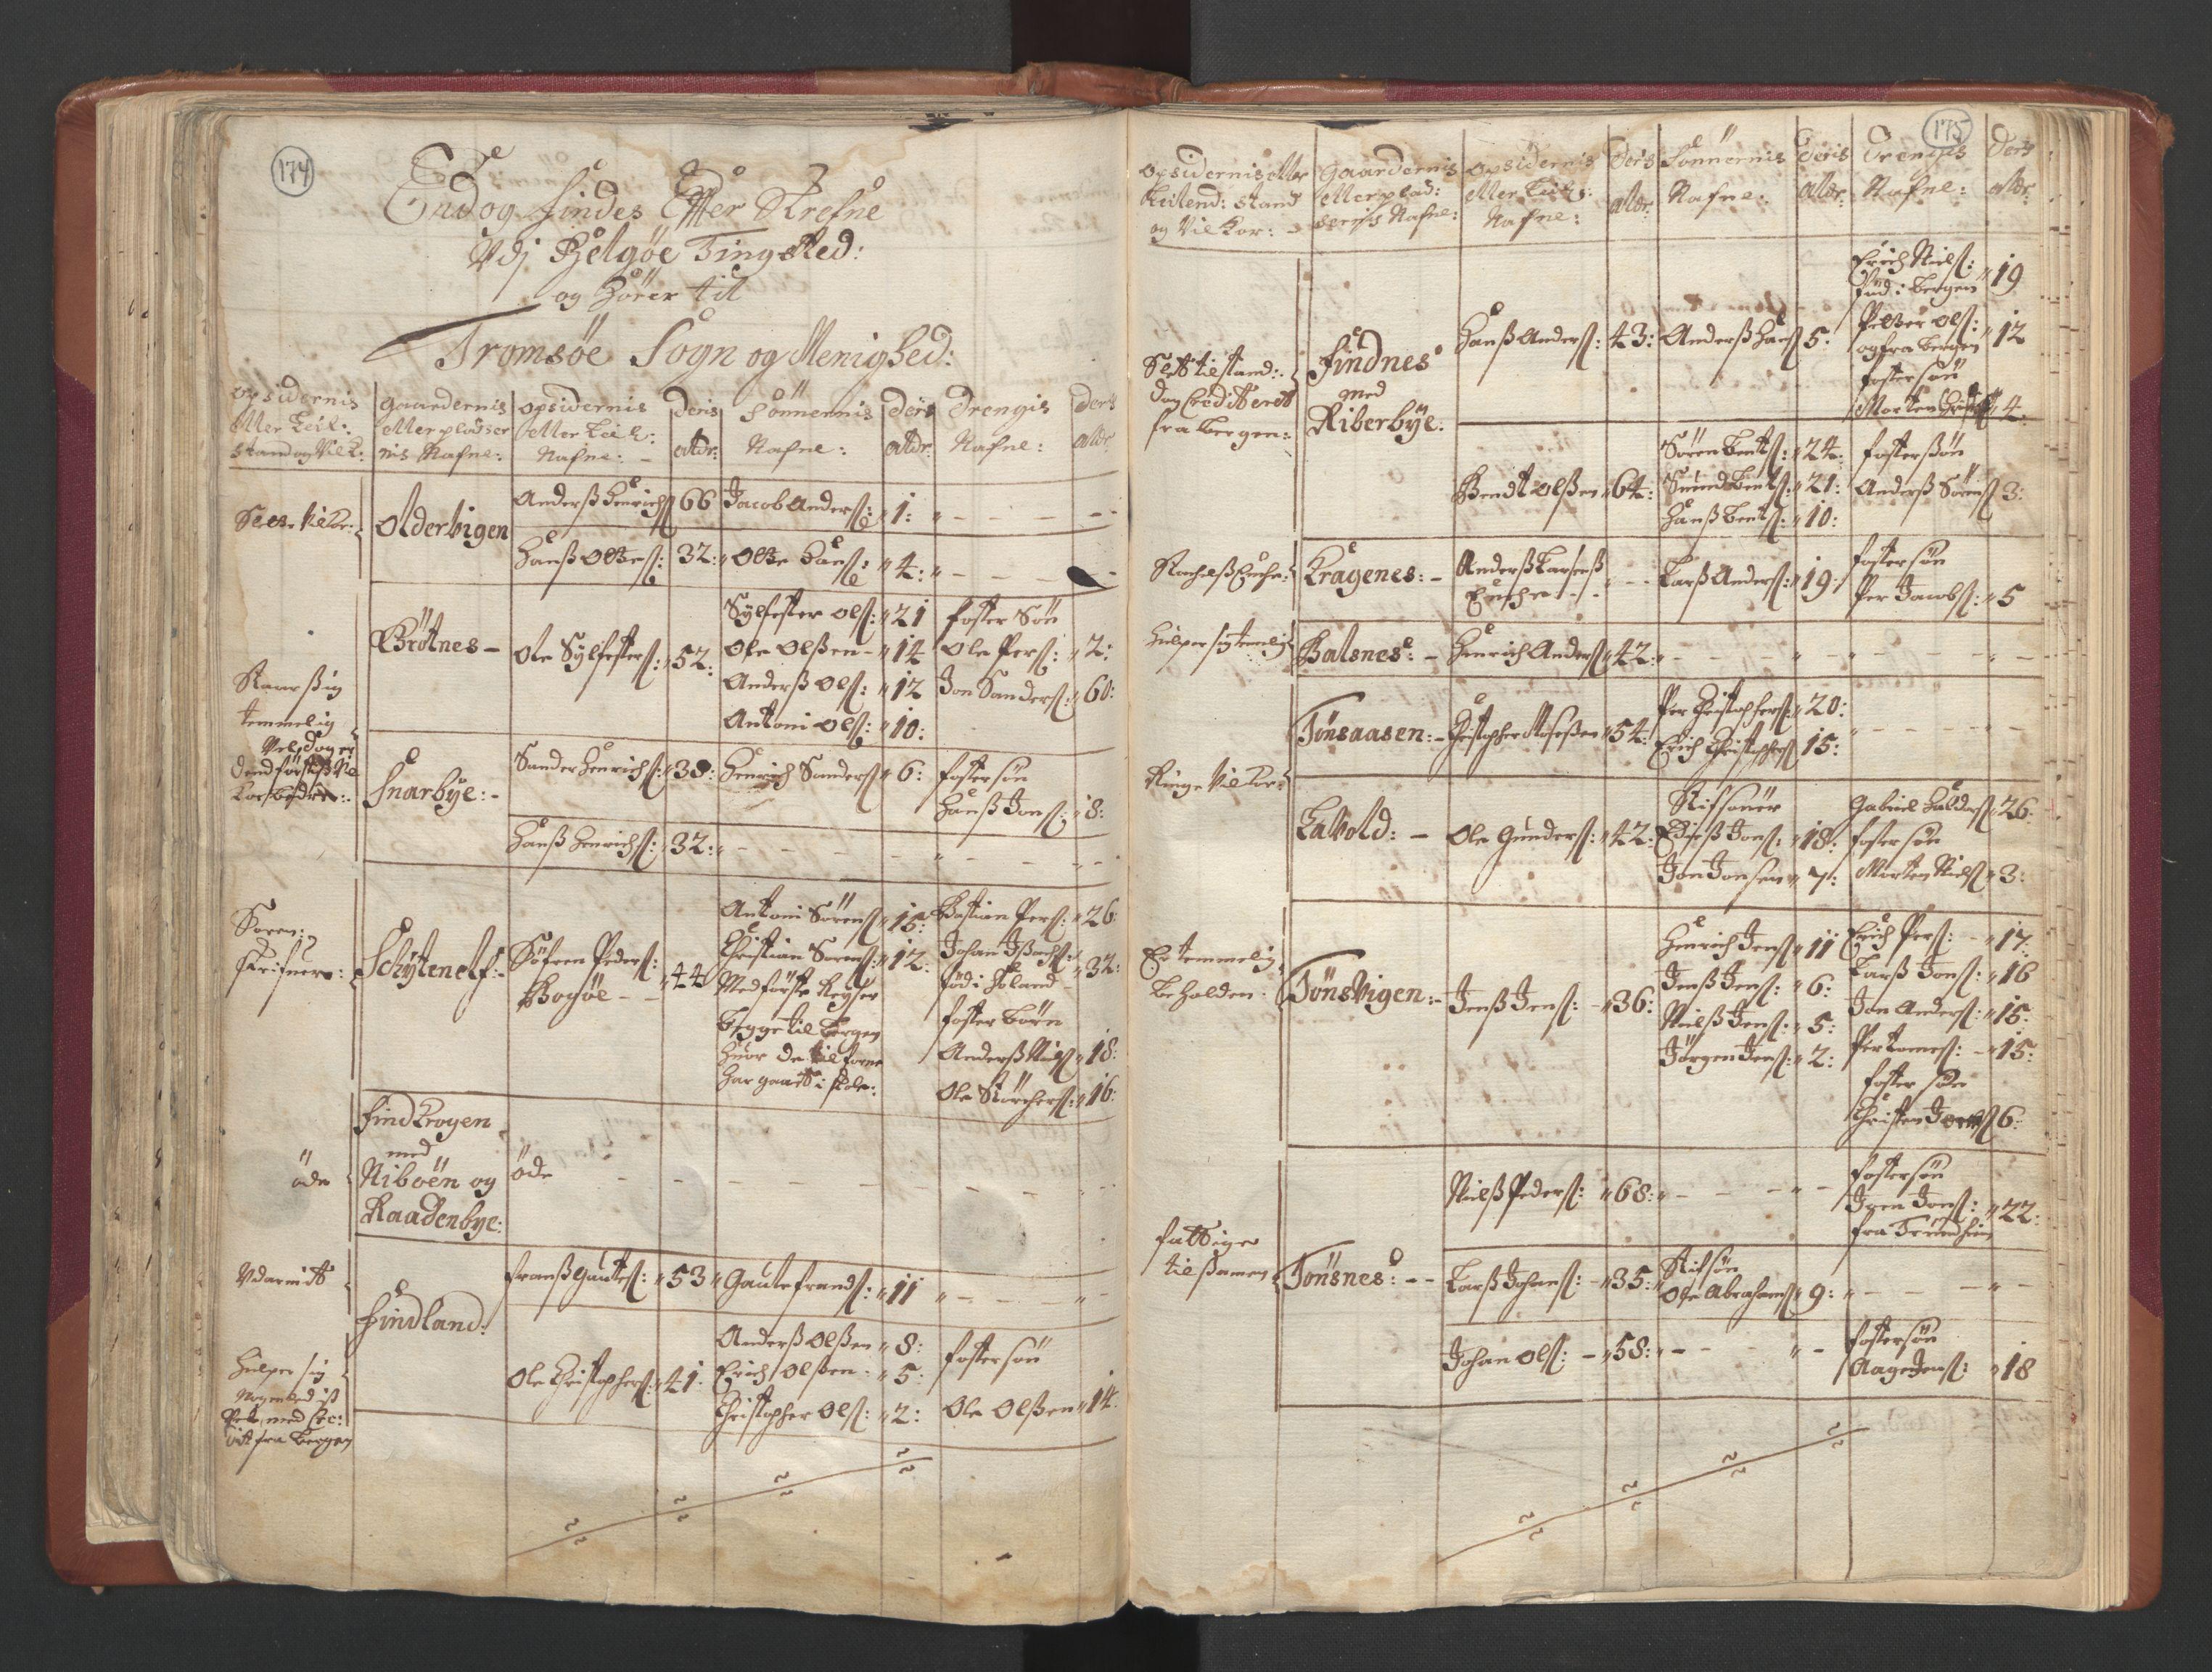 RA, Manntallet 1701, nr. 19: Senja og Tromsø fogderi, 1701, s. 174-175